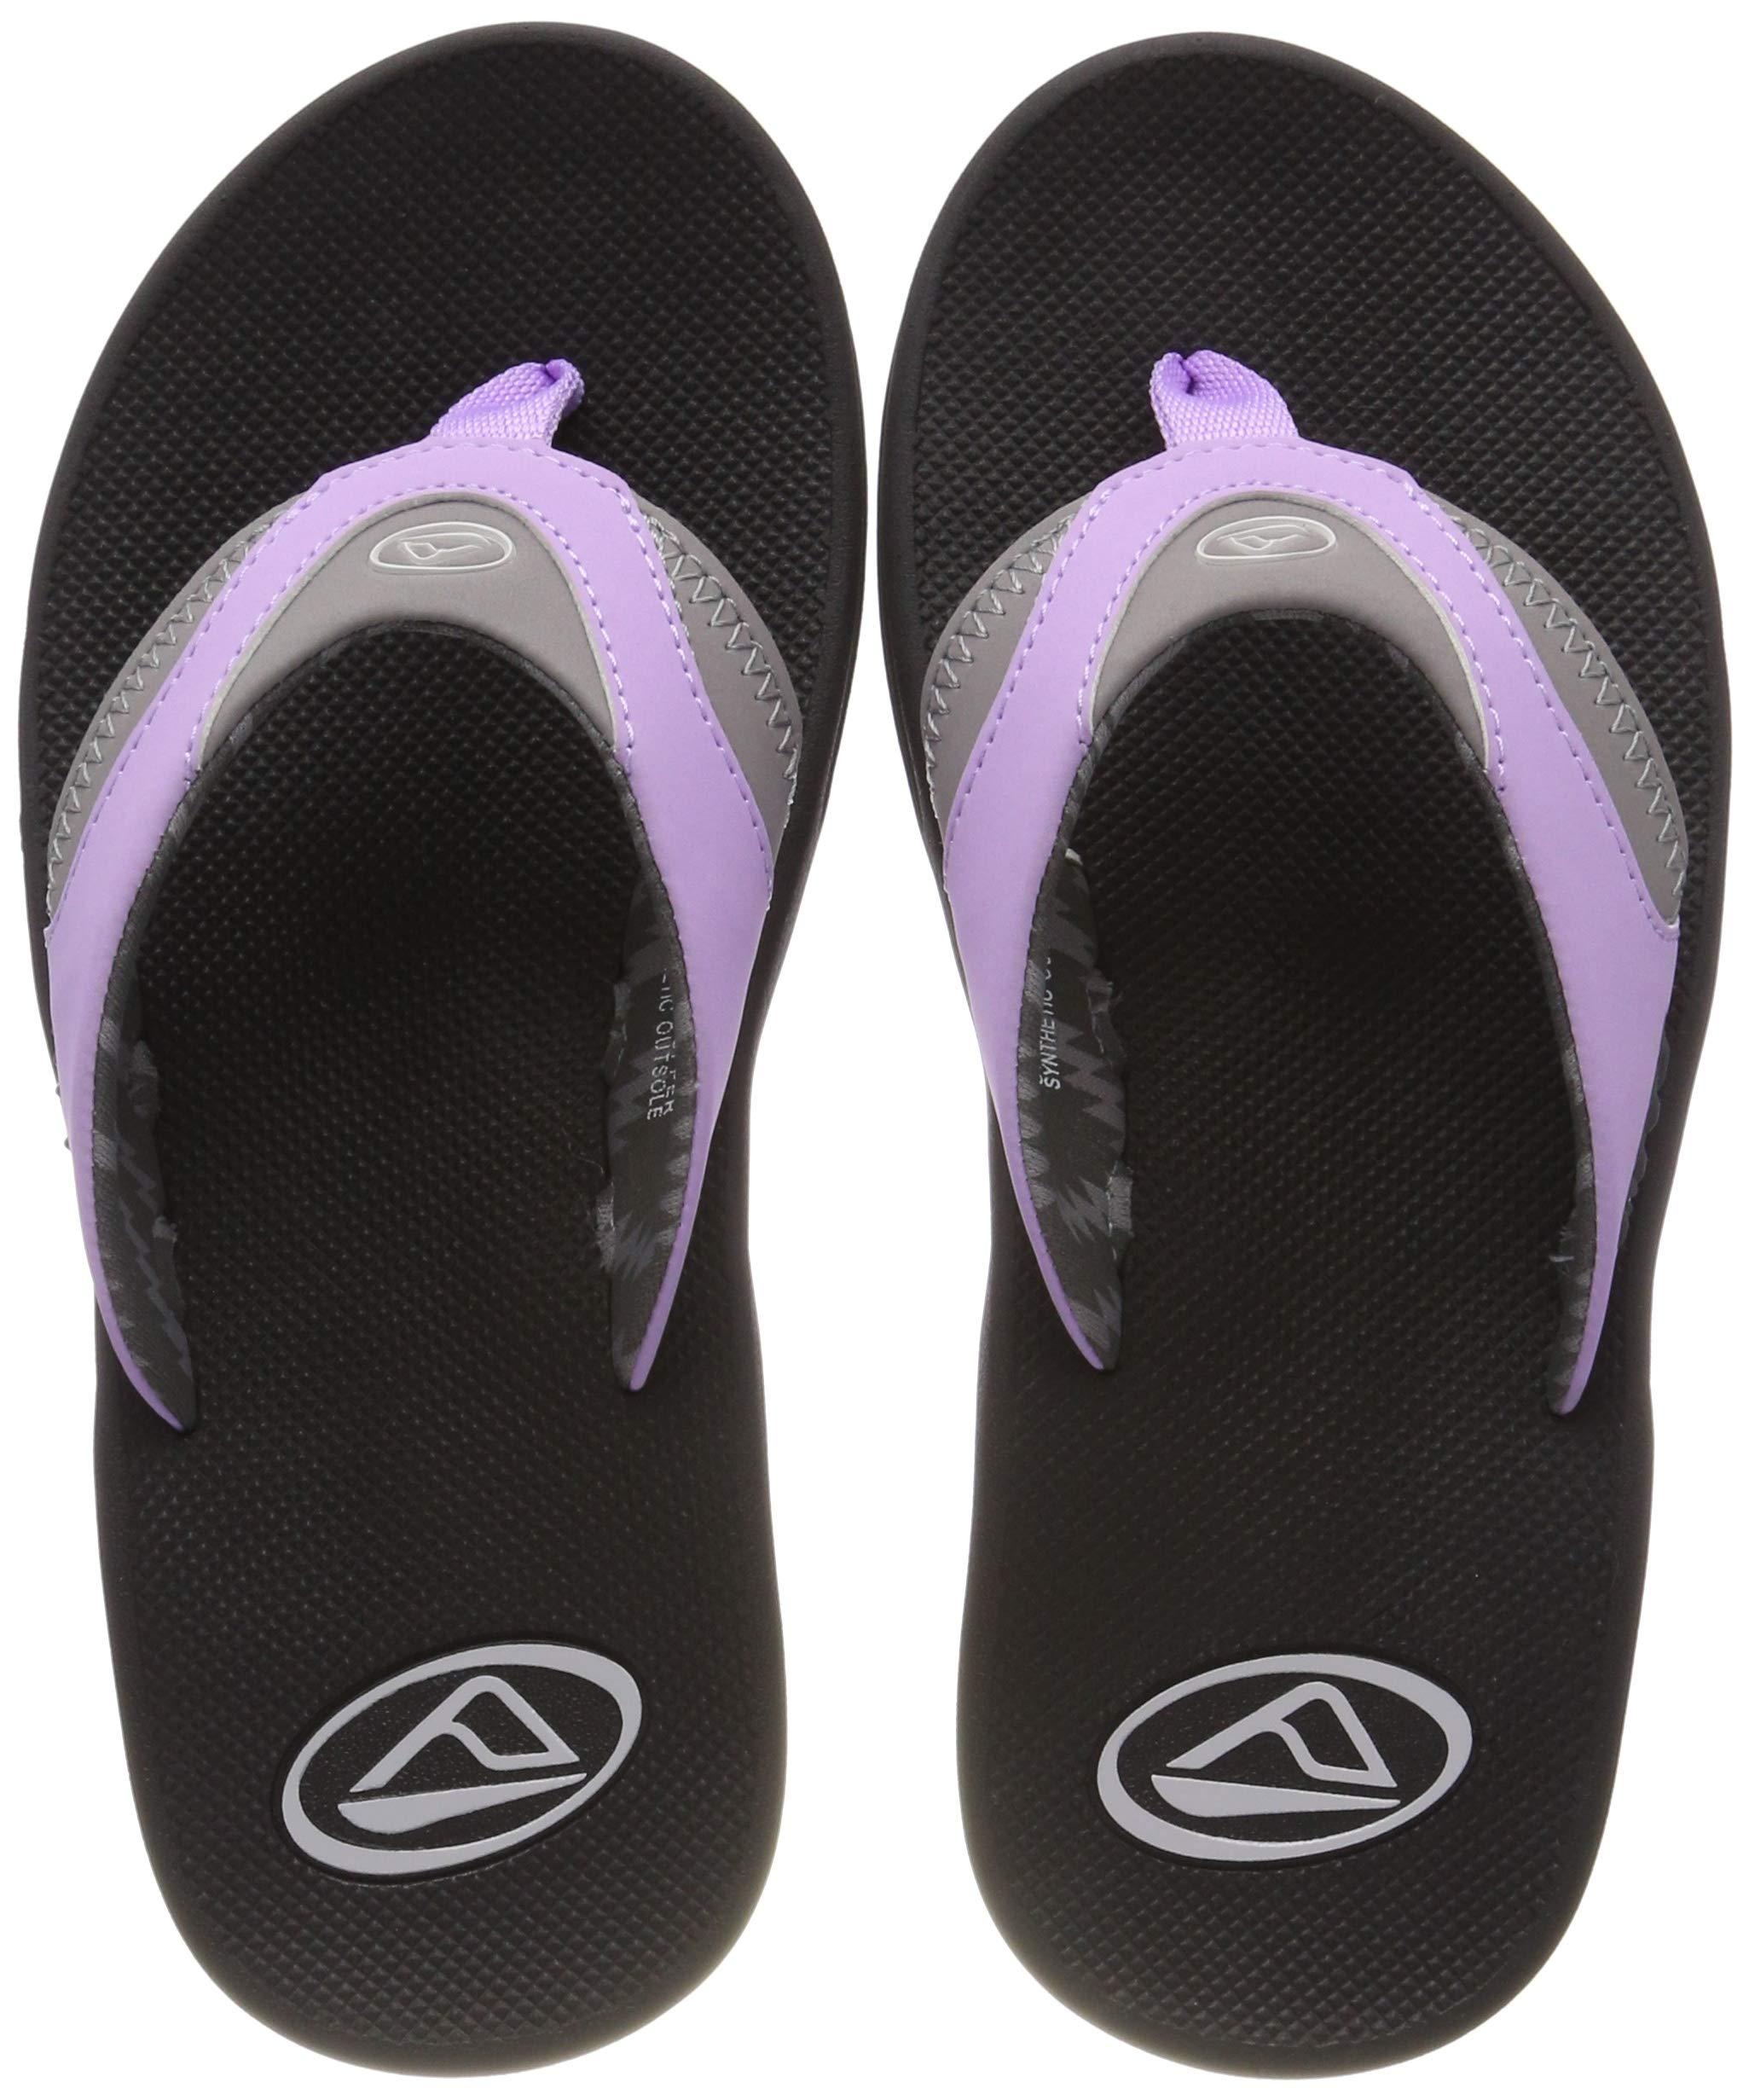 480184910 Best Rated in Women s Flip-Flops   Helpful Customer Reviews - Amazon.com